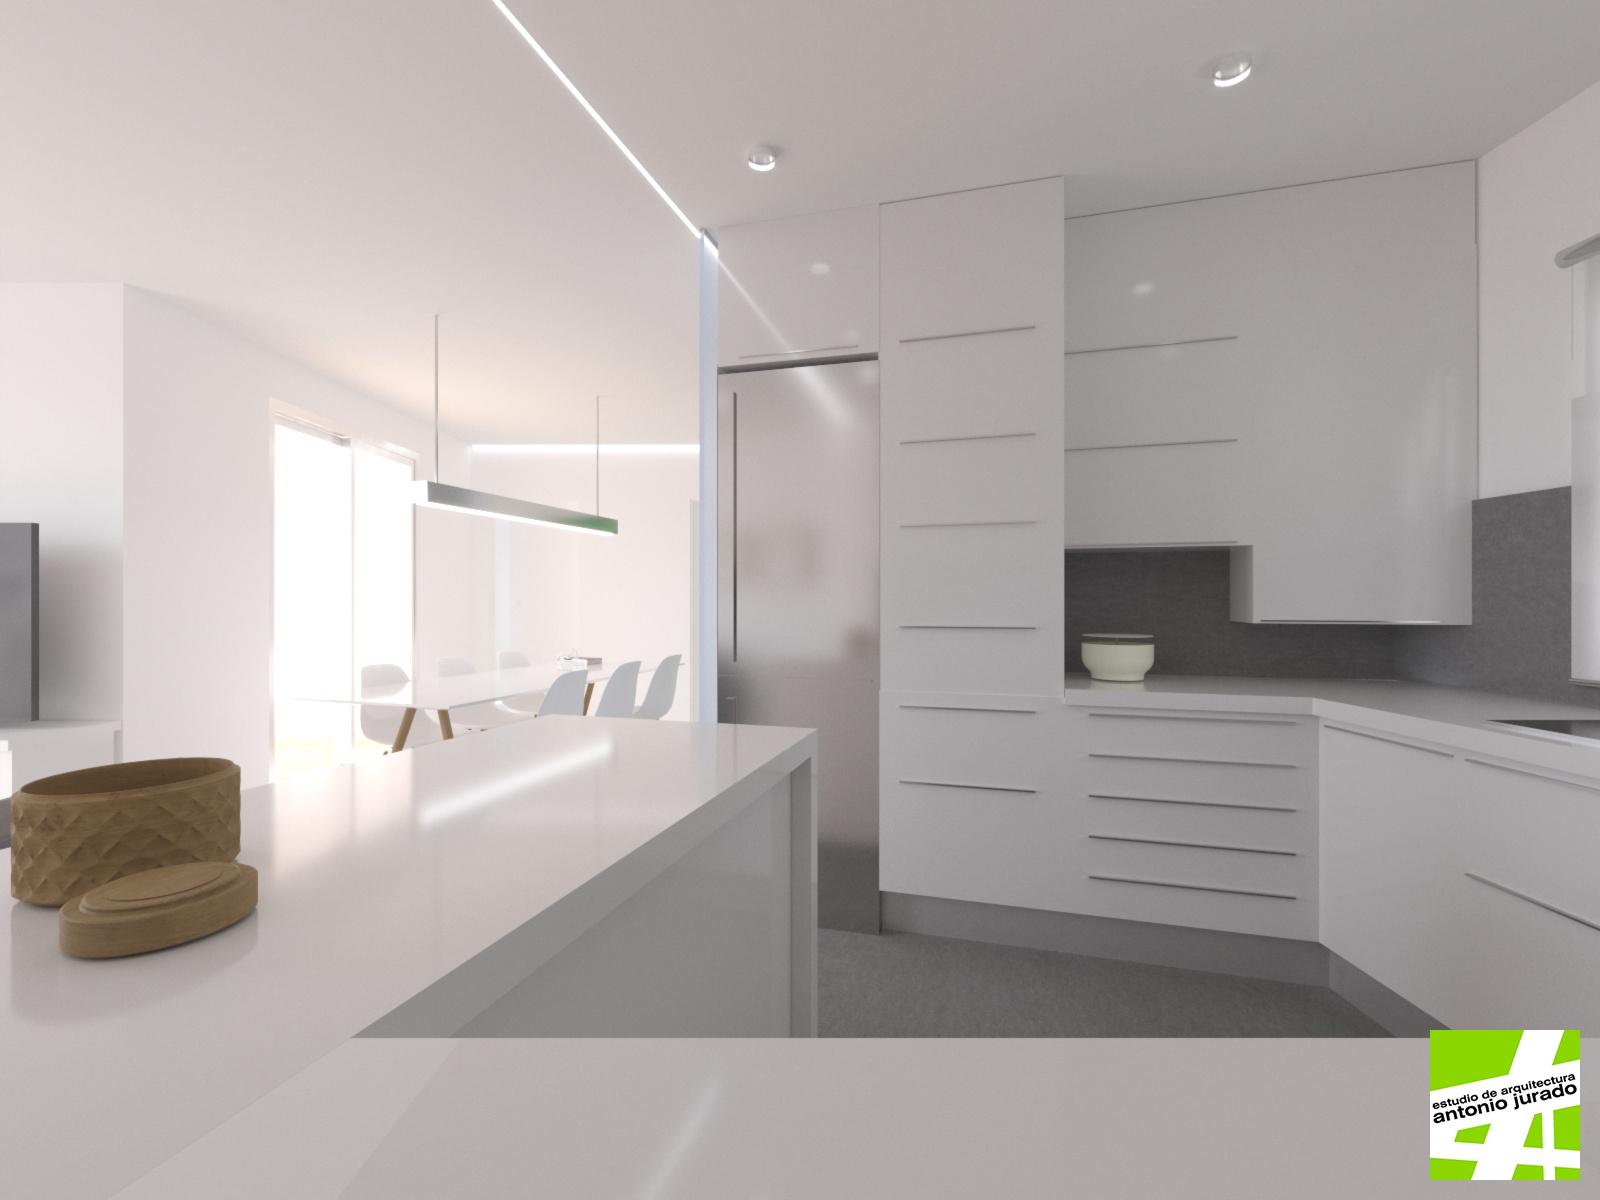 apartamento-mj-reforma-urbanizacion-torrox-park-torrox-malaga-antonio-jurado-arquitecto-05